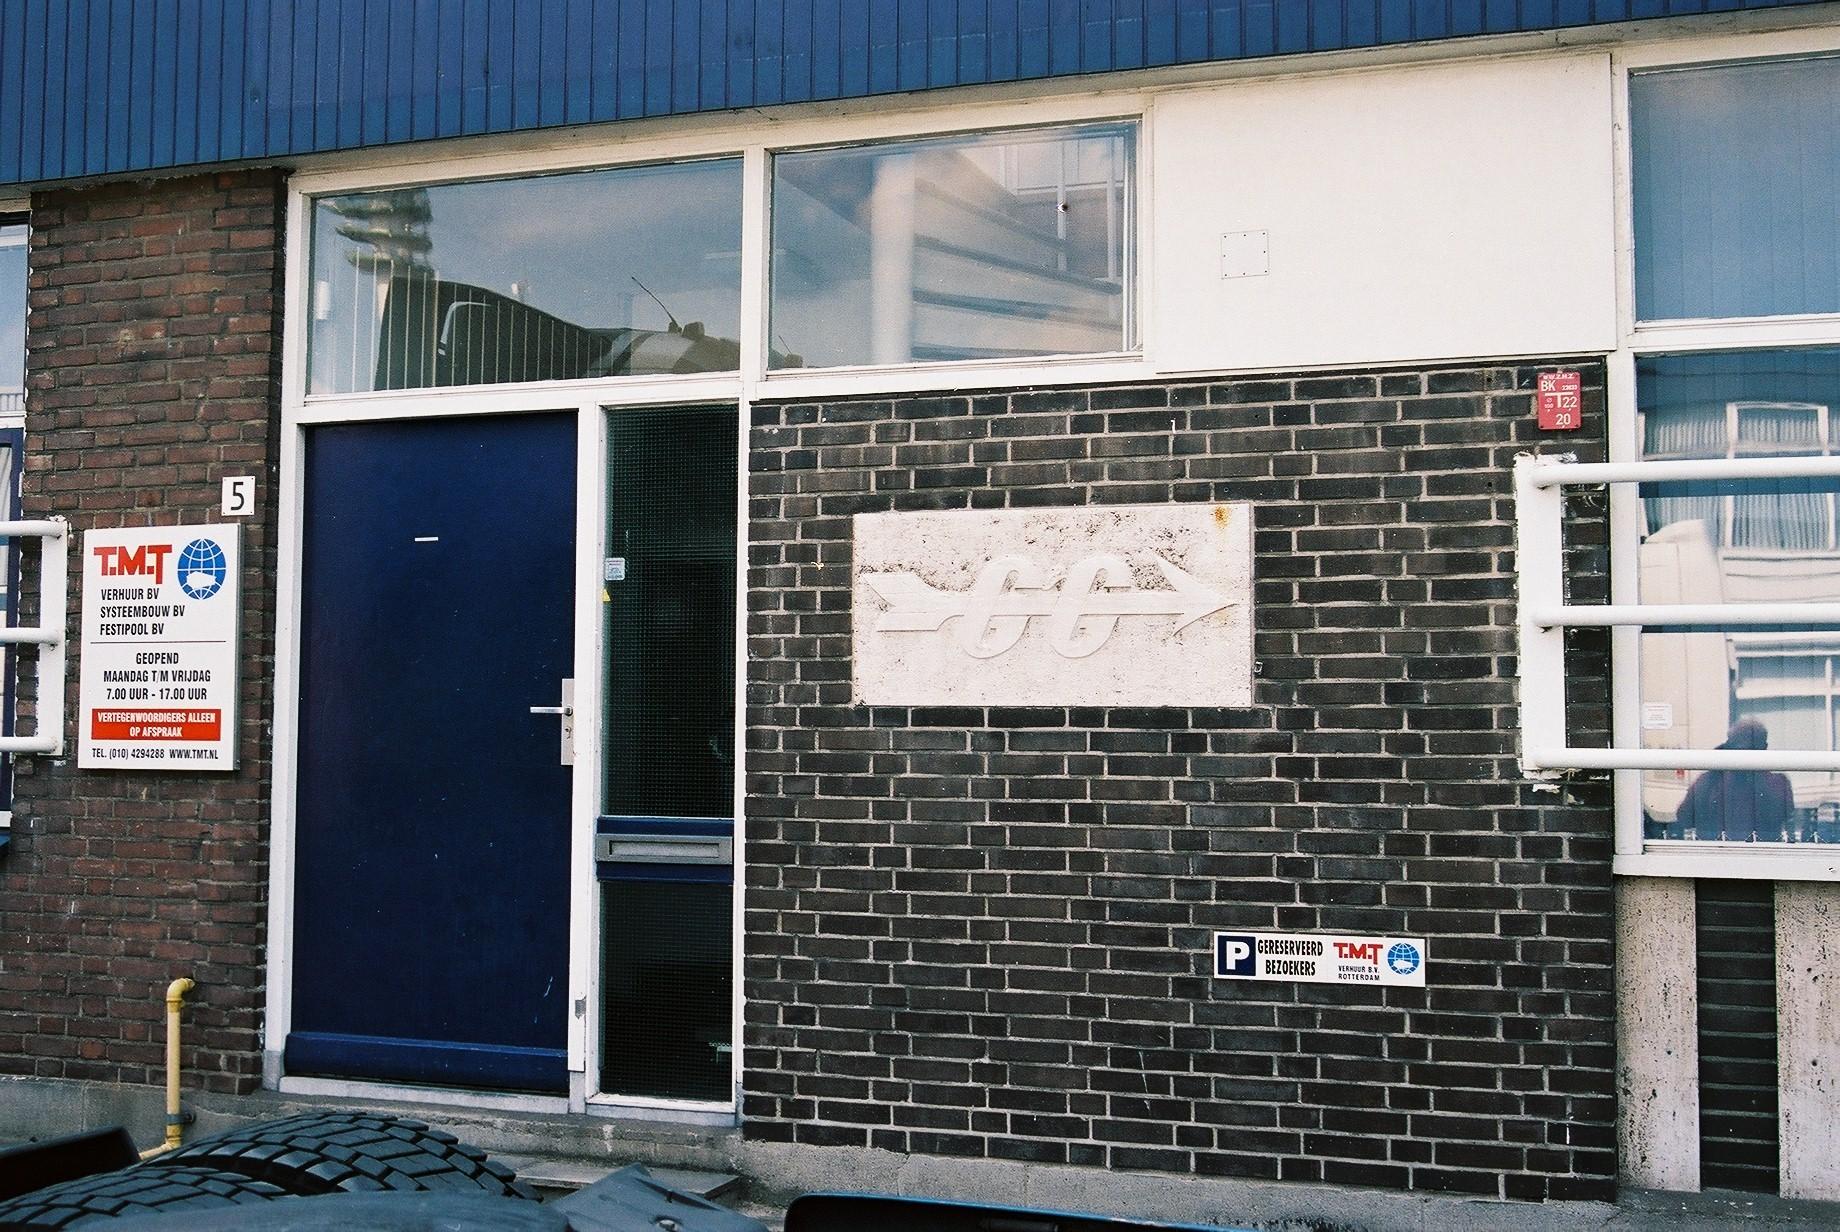 G-G-aan-de-Van-Maasdijkweg--Waalhaven-Rotterdam